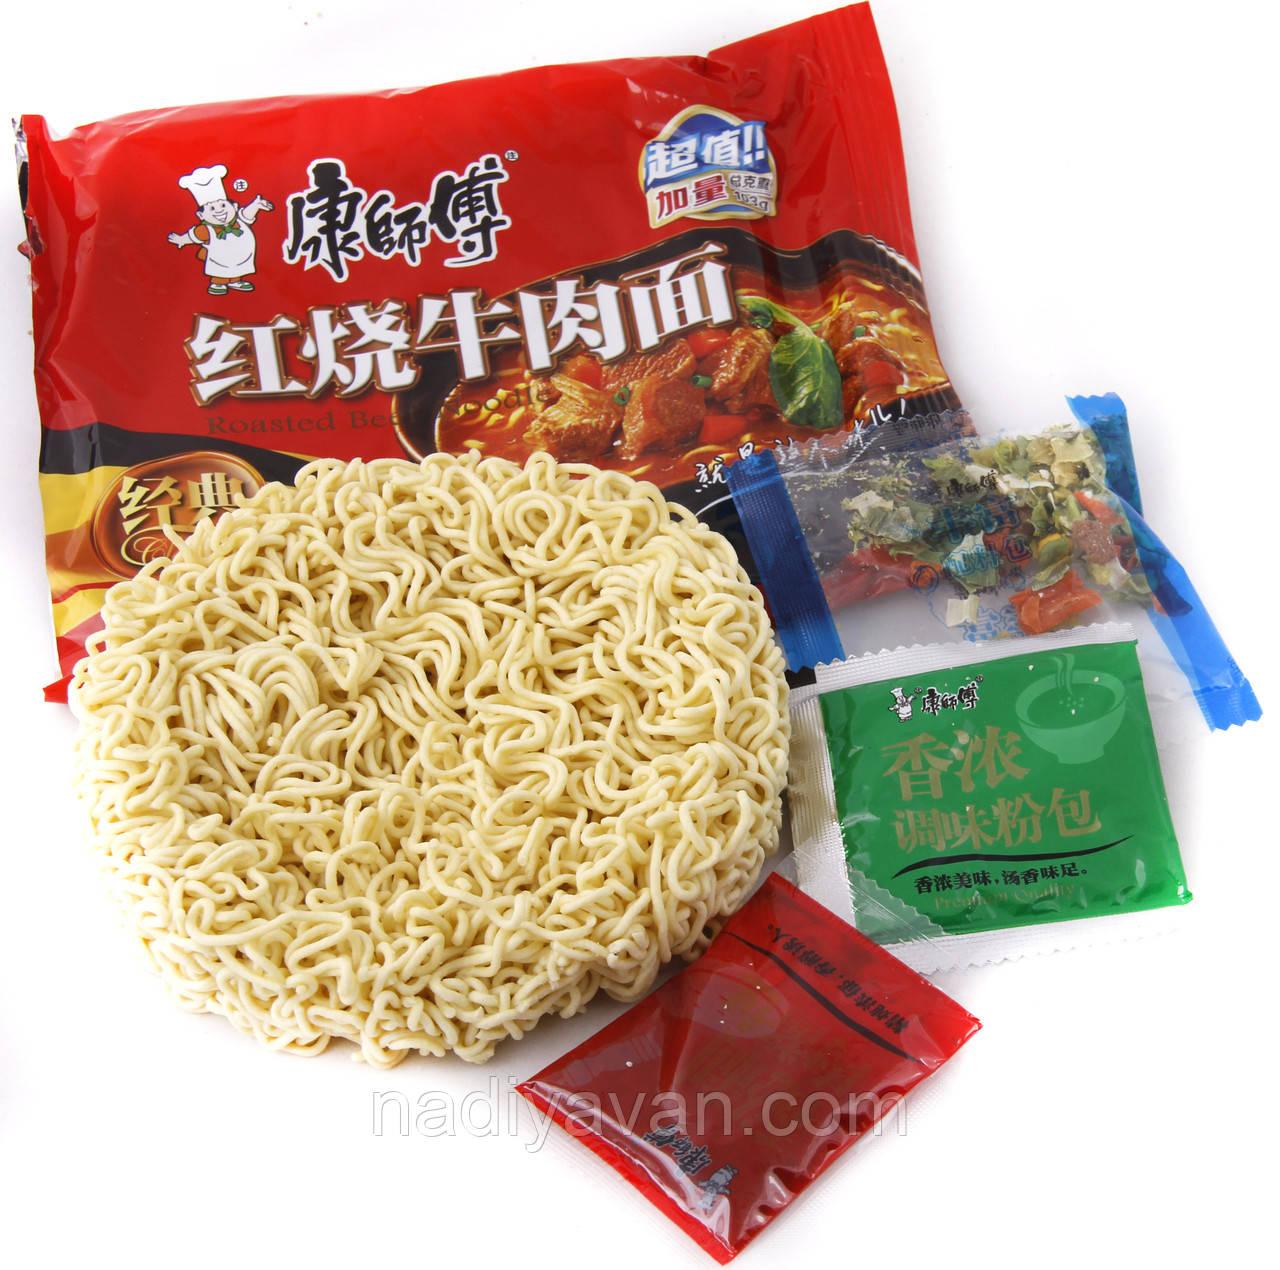 Вермишель быстрого приготовления с тушенной говядиной, овощами 82,5г  Kang Shifu (康師傅)